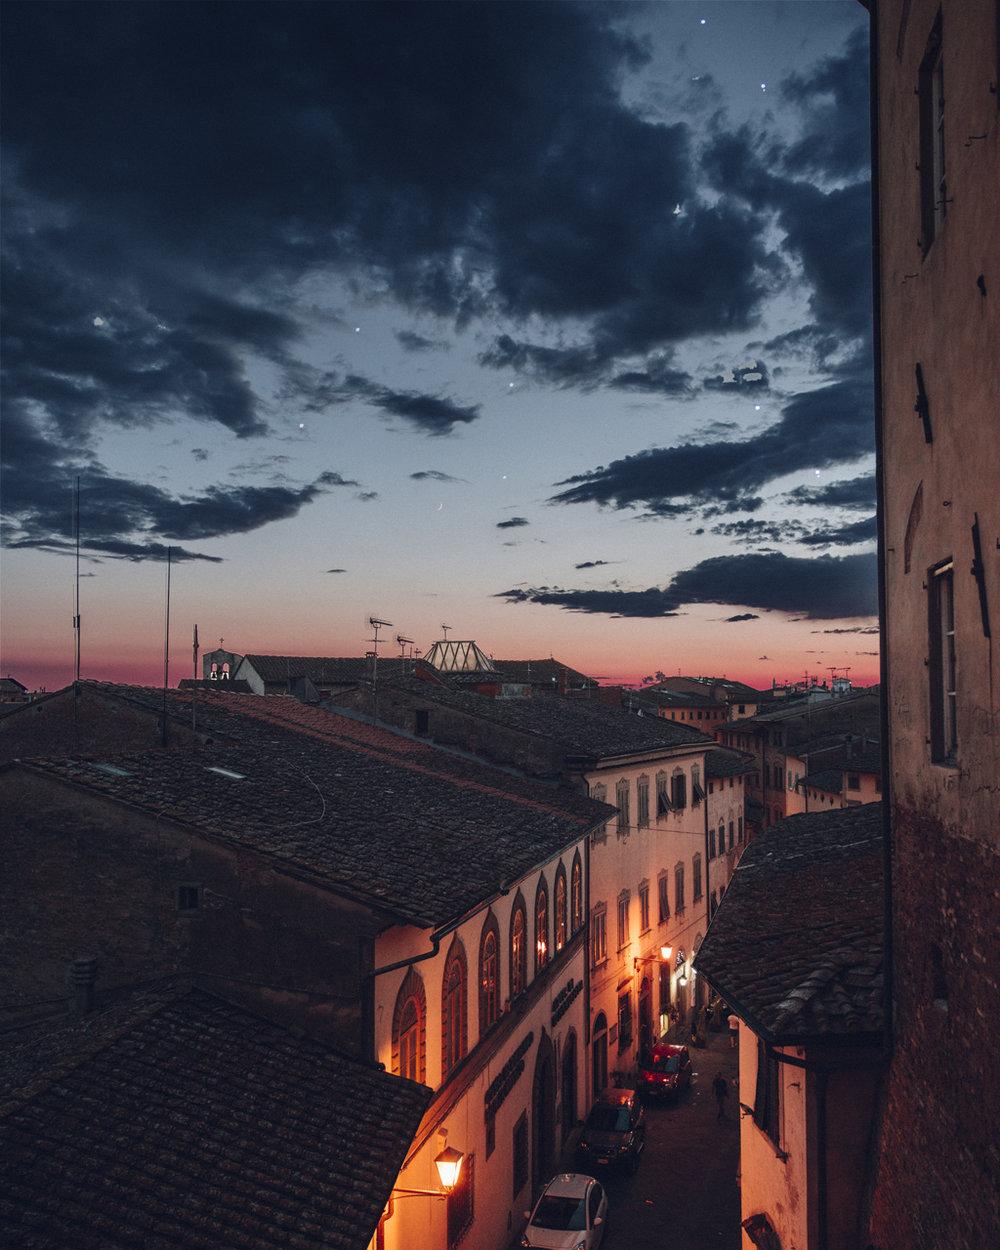 San Miniato, Italy, 2017